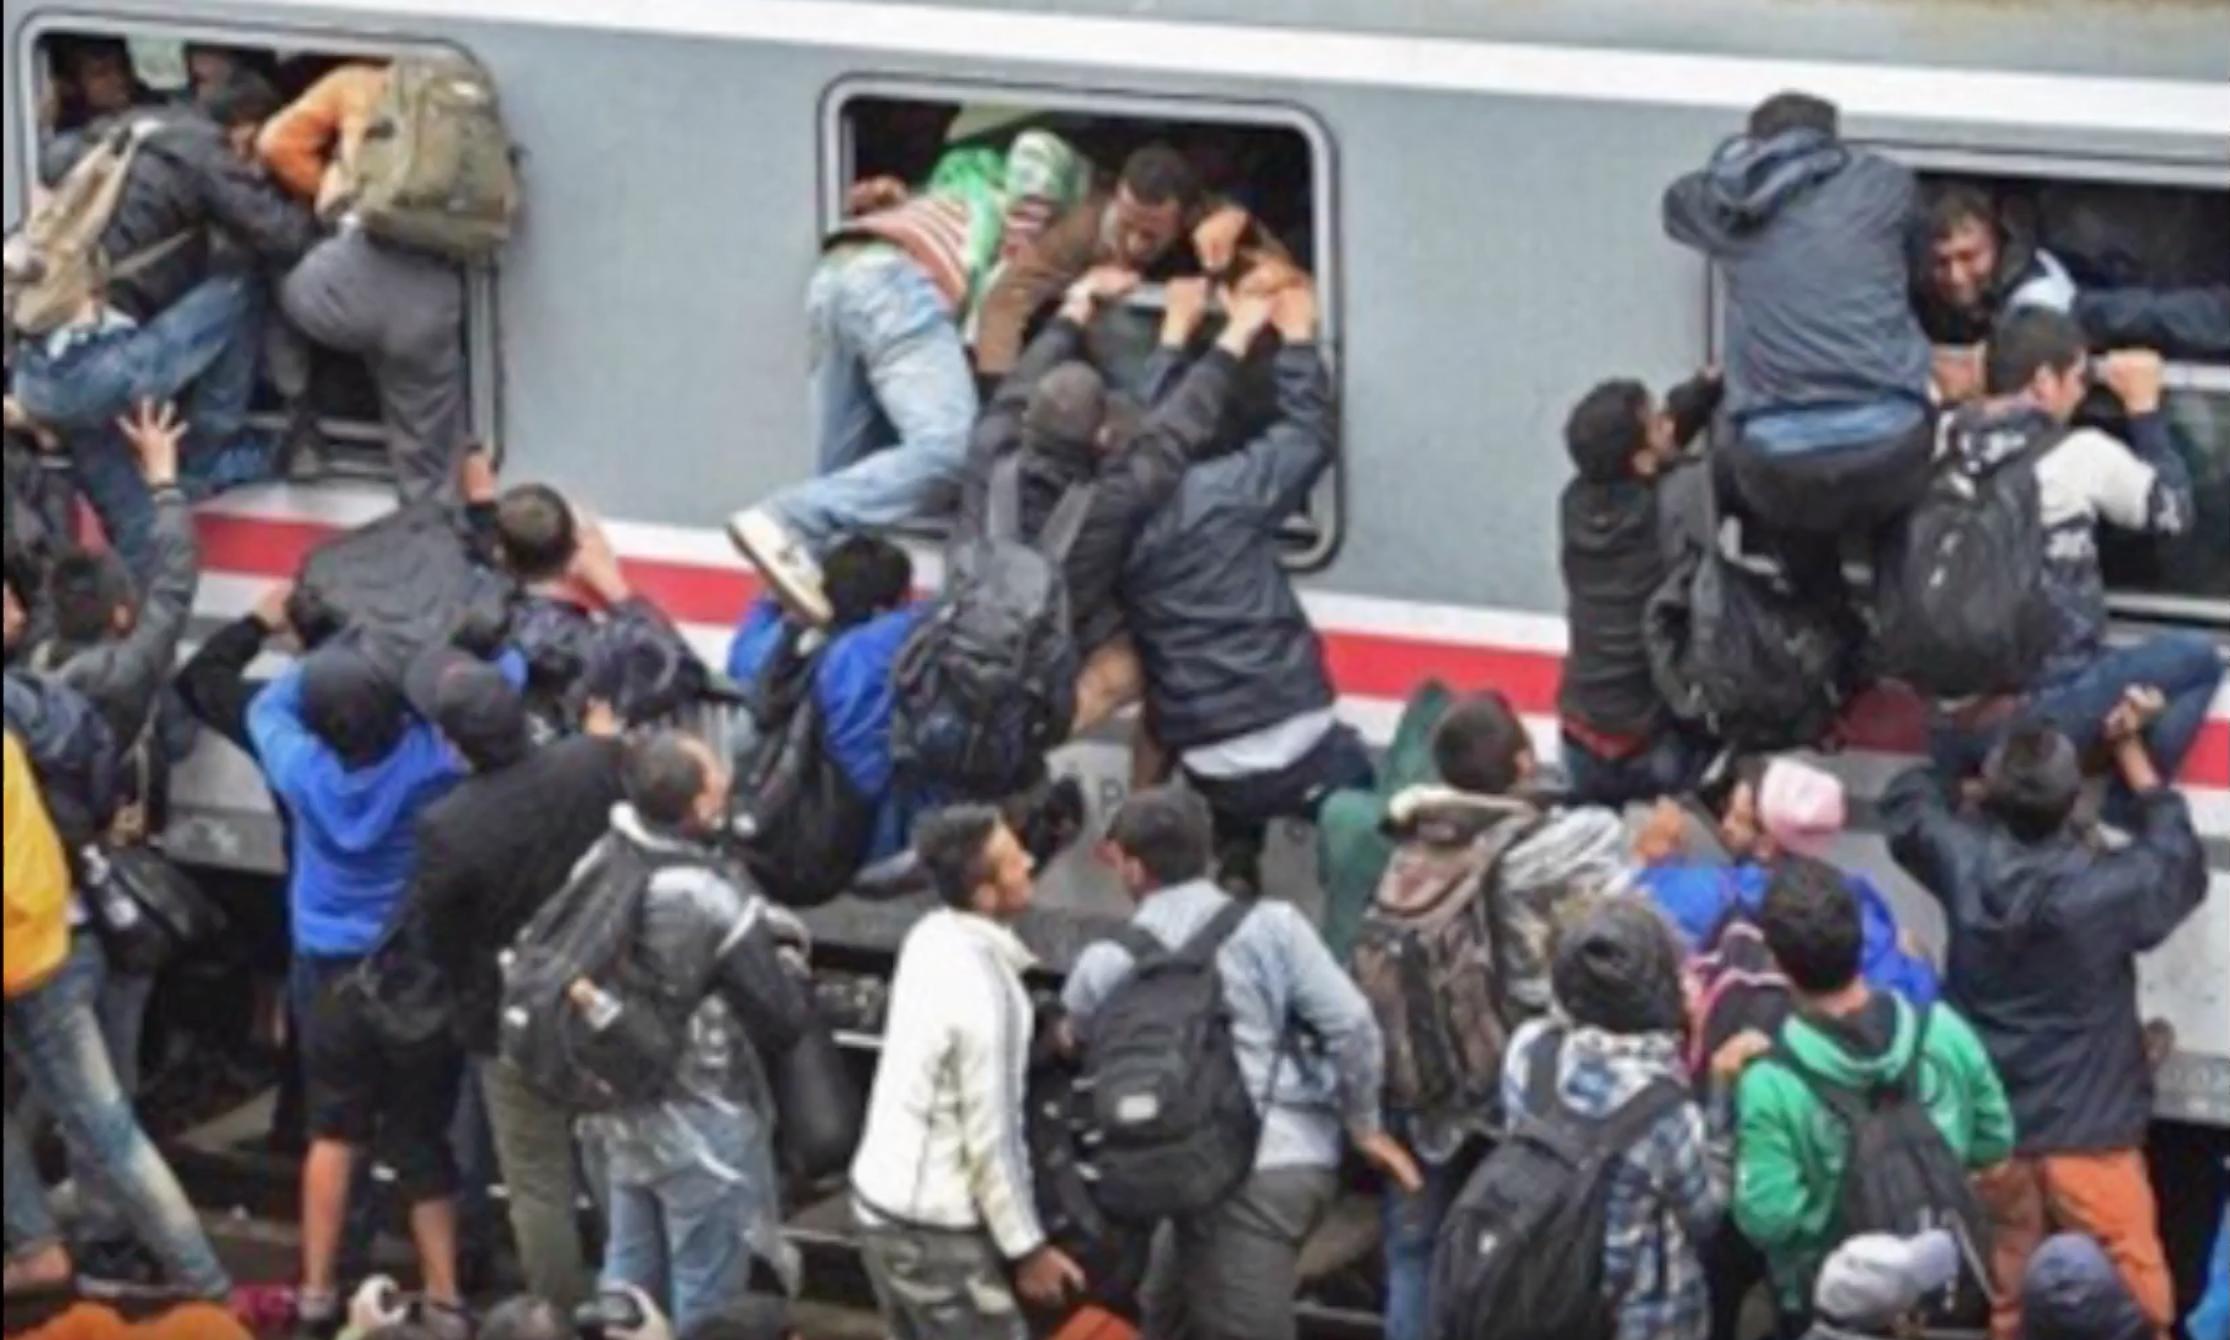 Le Ministre de Macron, Delevoye, promet à Créteil qu'il y aura 50 millions d'immigrés en Europe